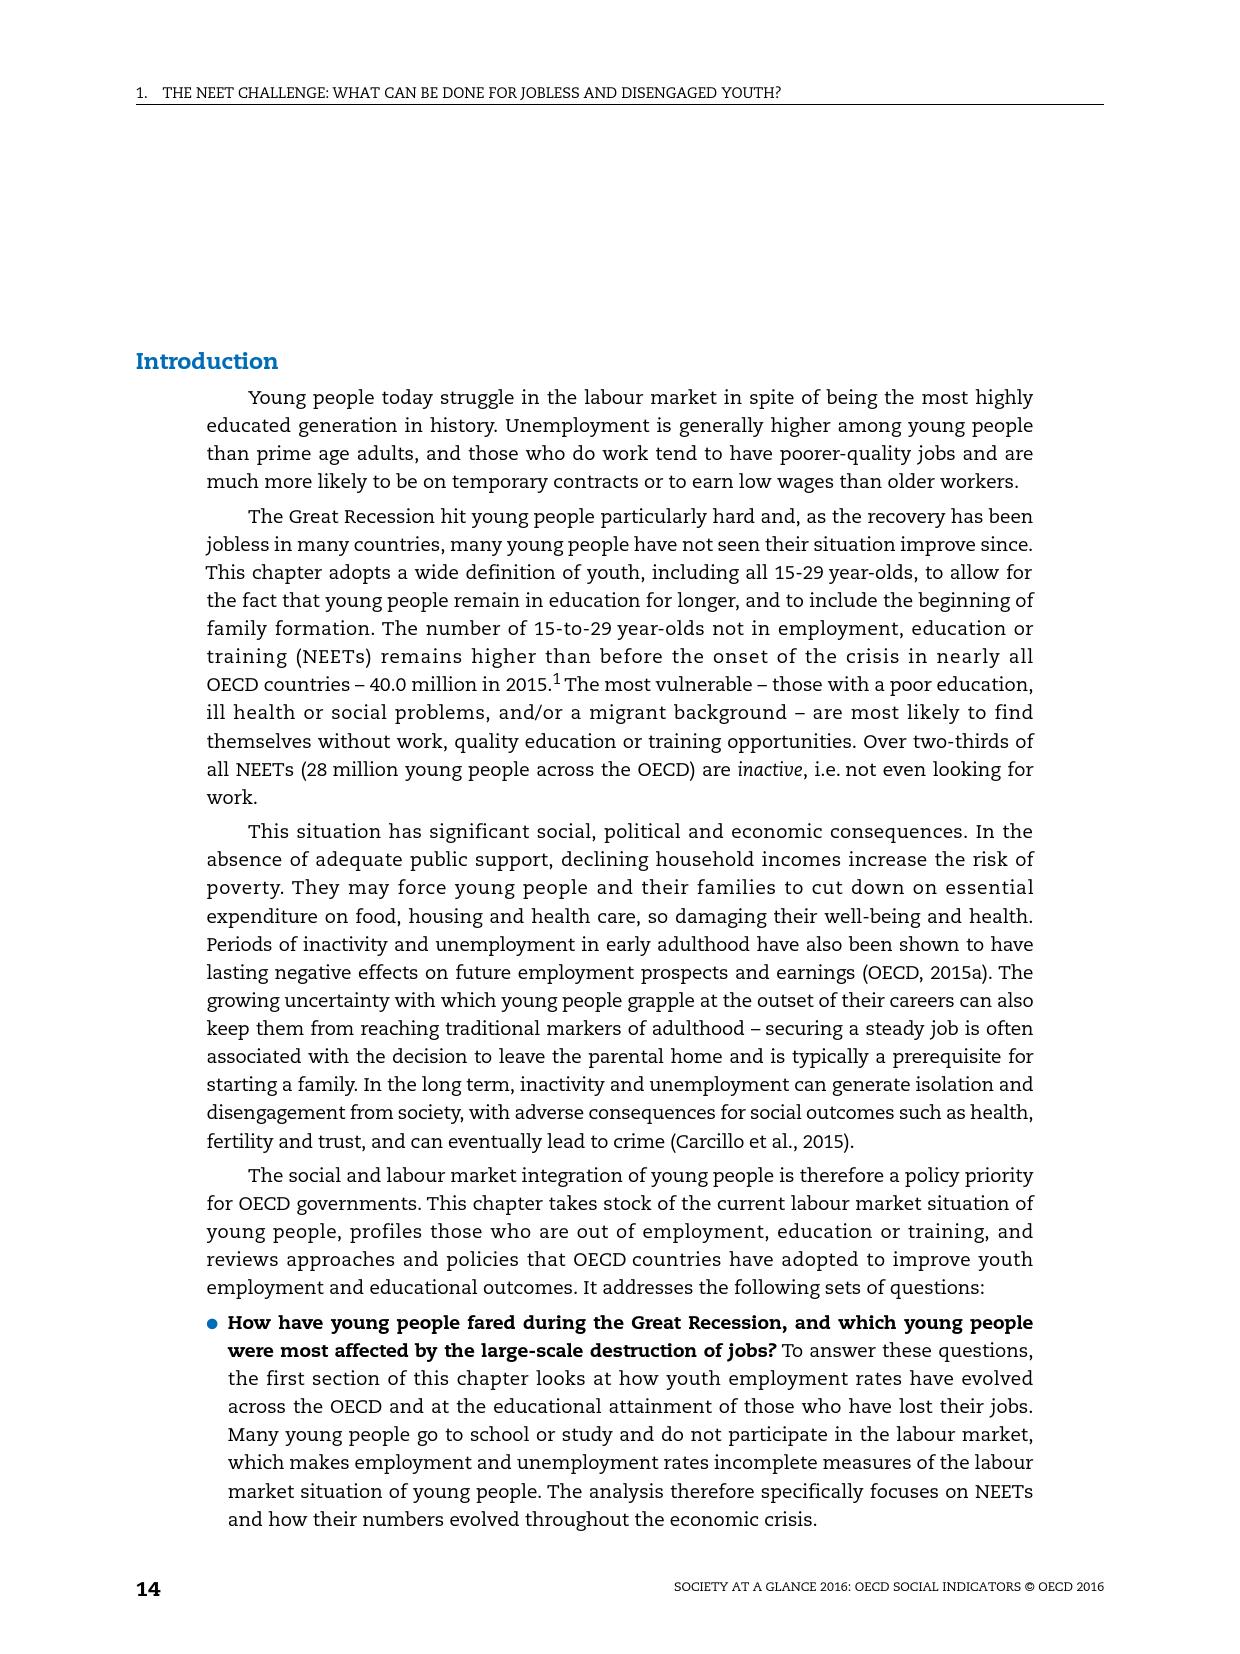 2016年OECD国家社会概览报告_000016